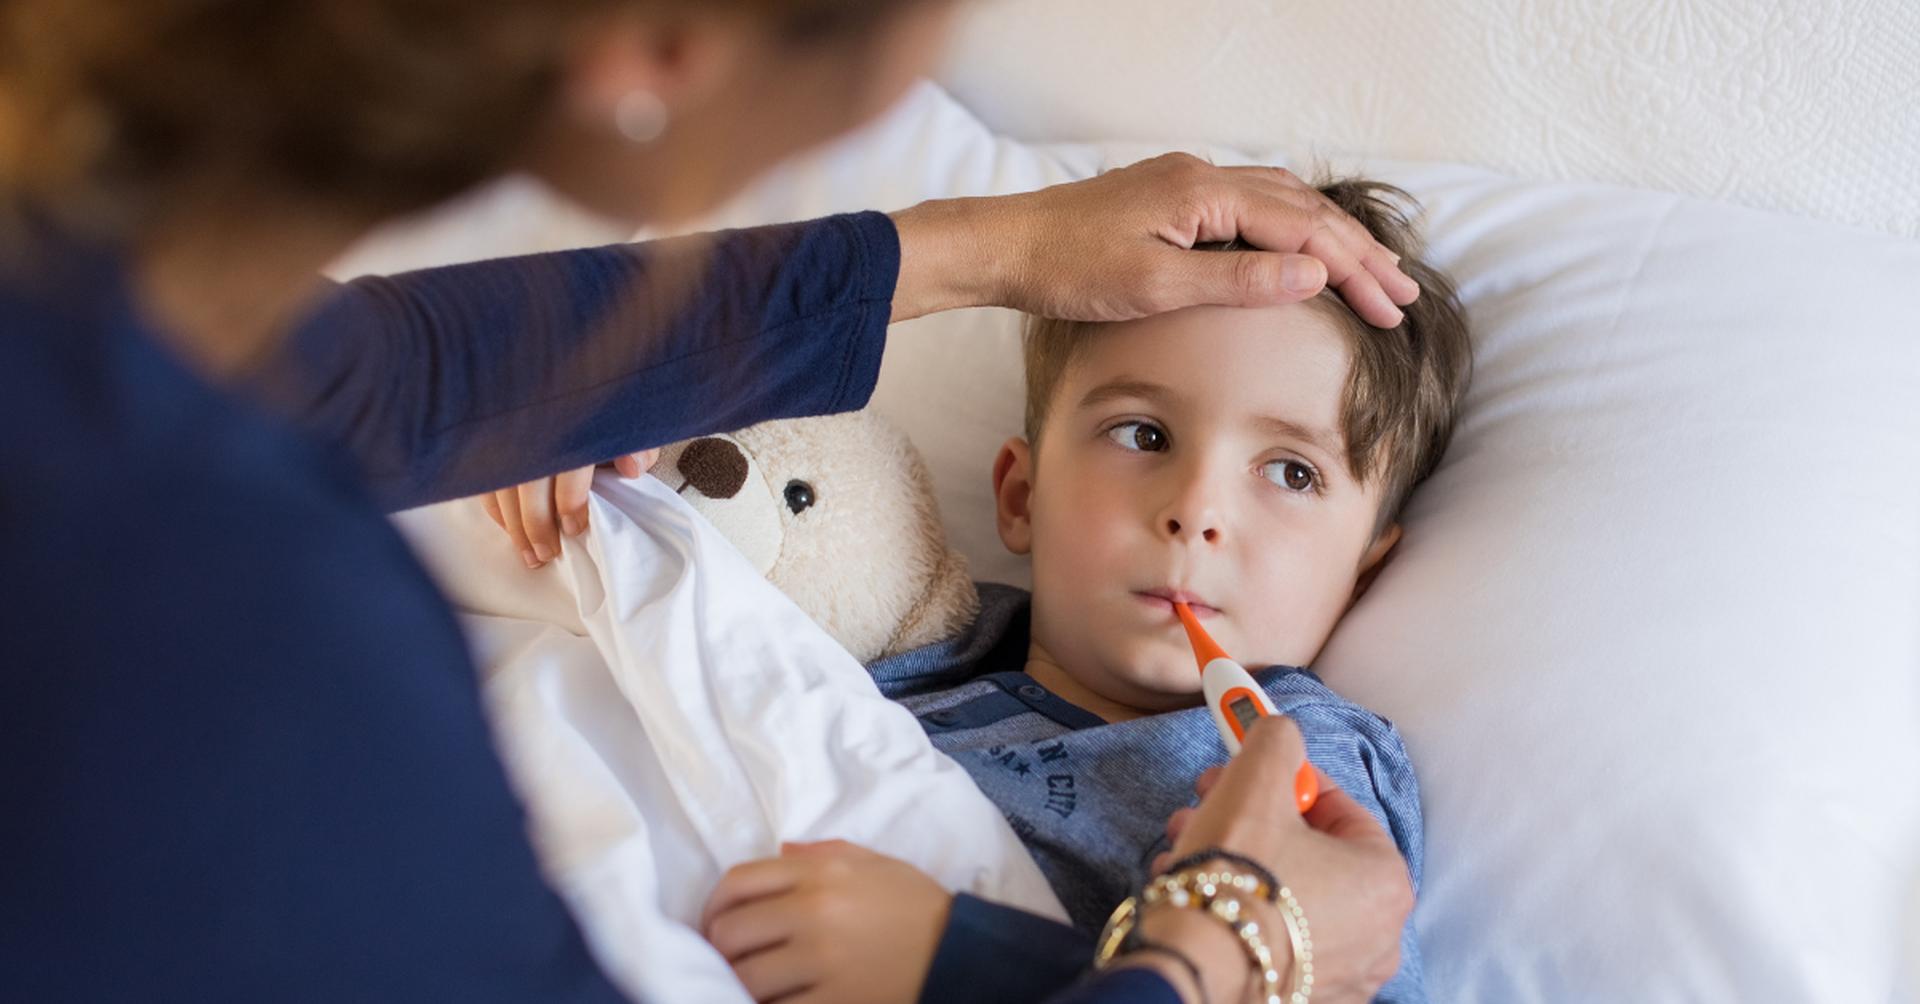 ילד חולה | צילום אילוסטרציה: shutterstock